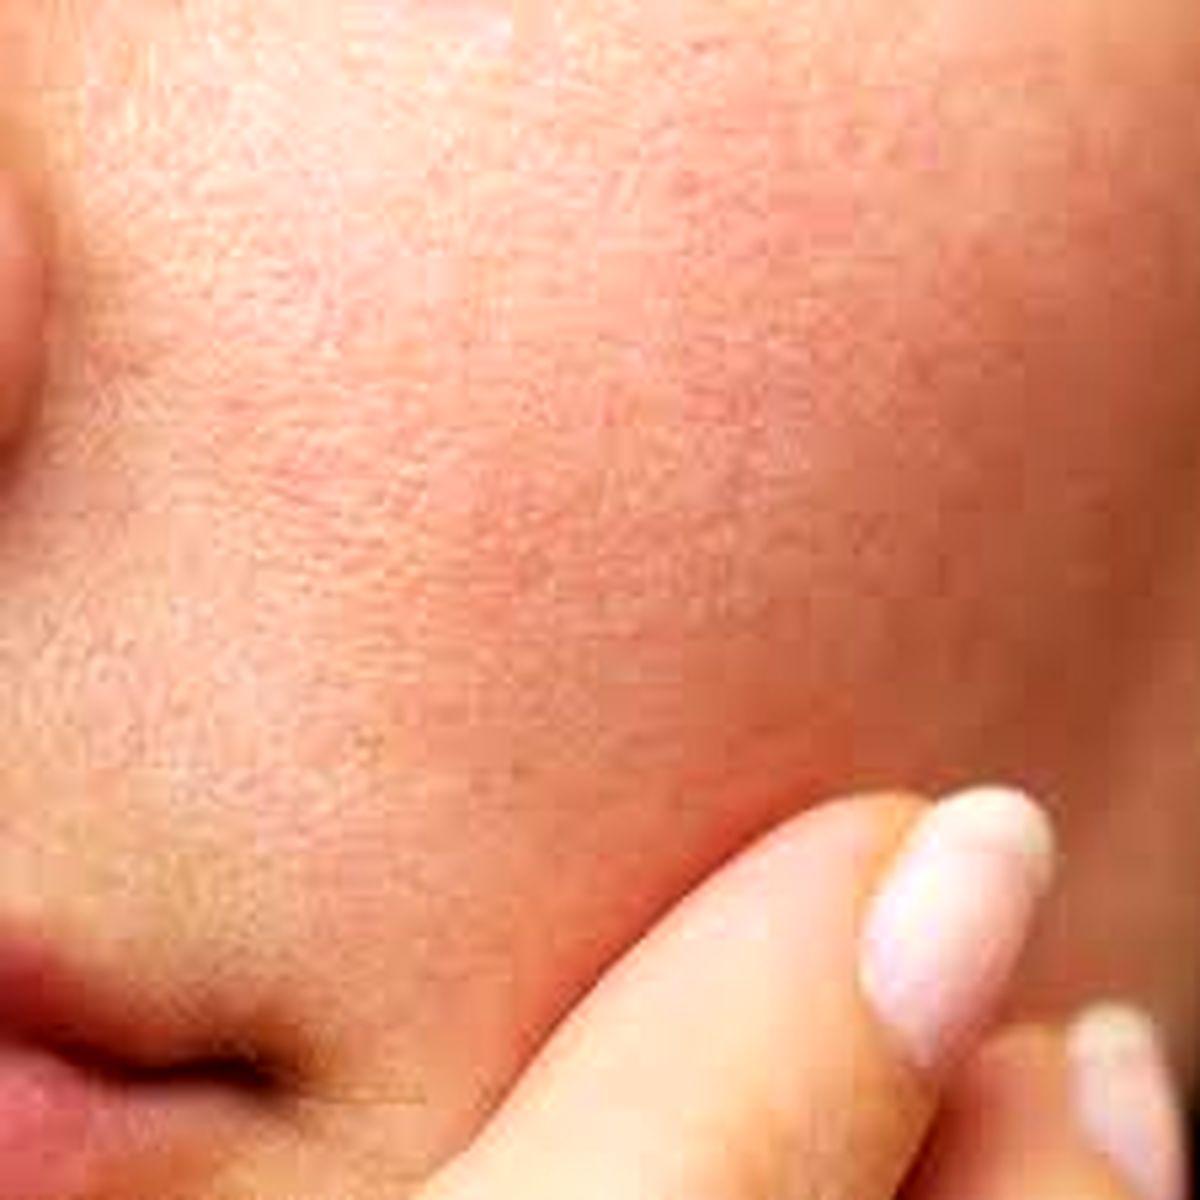 اگر پوست چرب دارید حتما این موارد را بخوانید